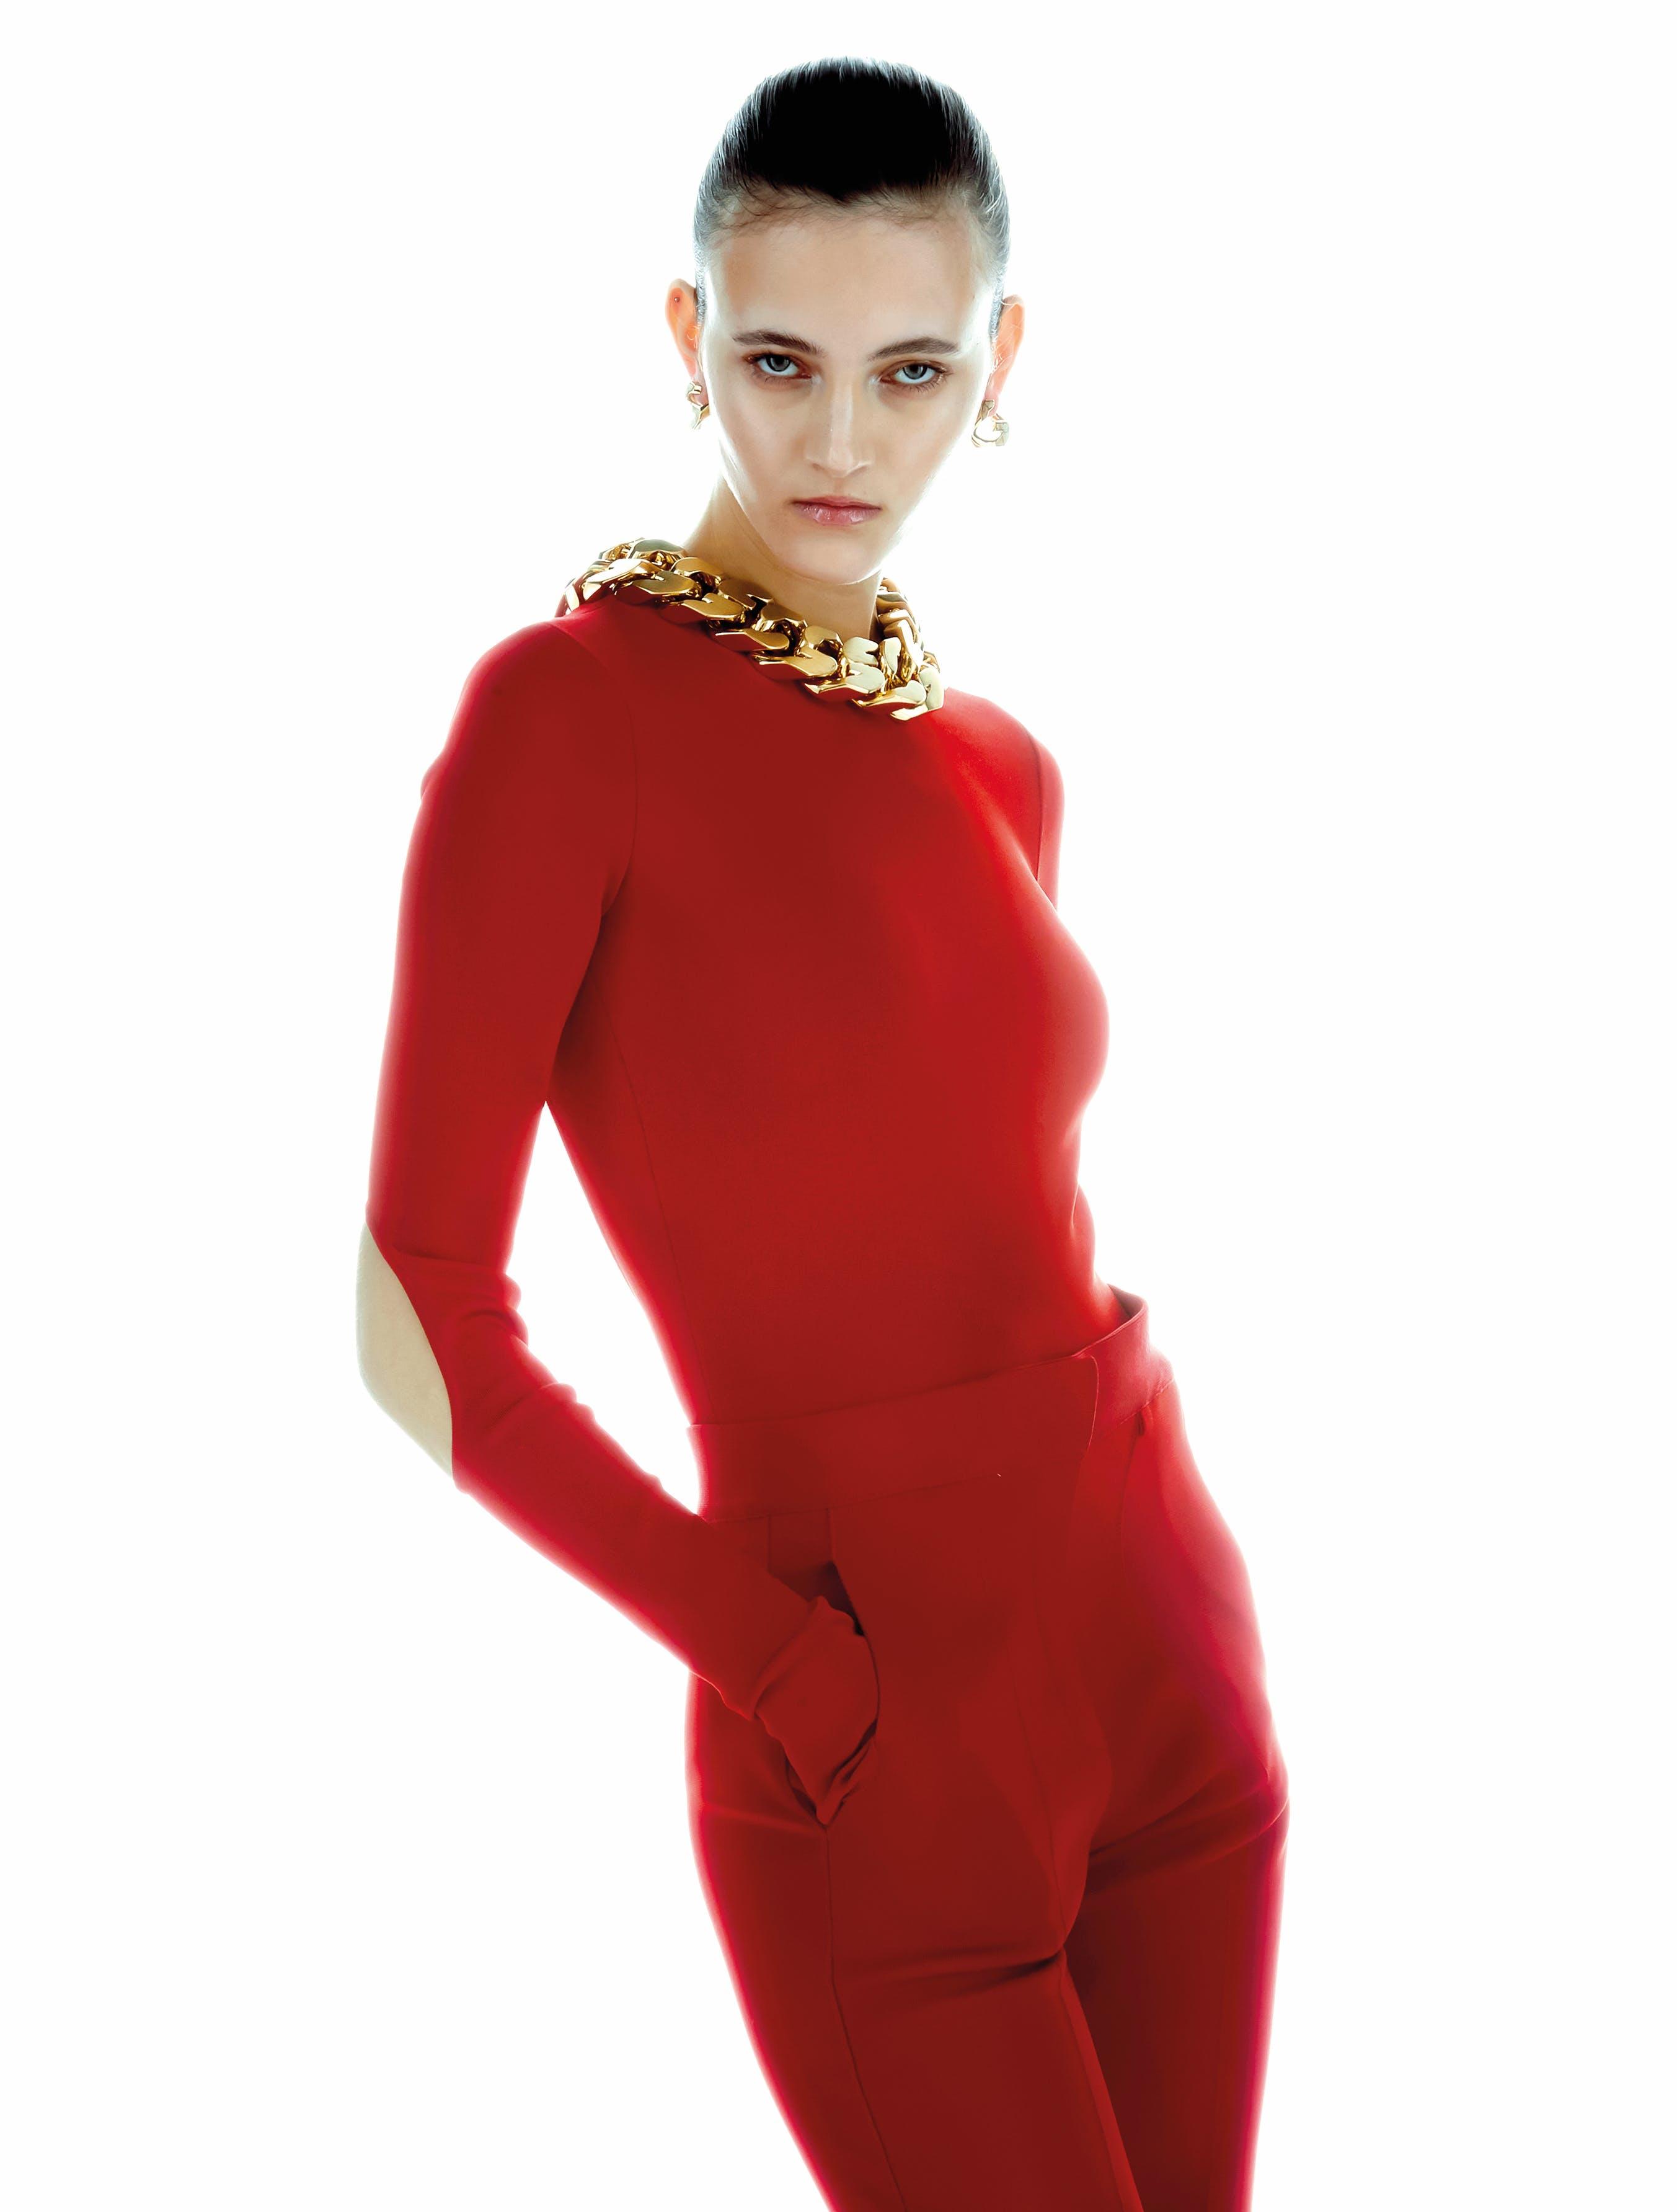 """Body di tessuto tecnico con cut out, pantaloni di cotone a vita alta, orecchini e collana """"G Chain"""" in ottone, GIVENCHY."""